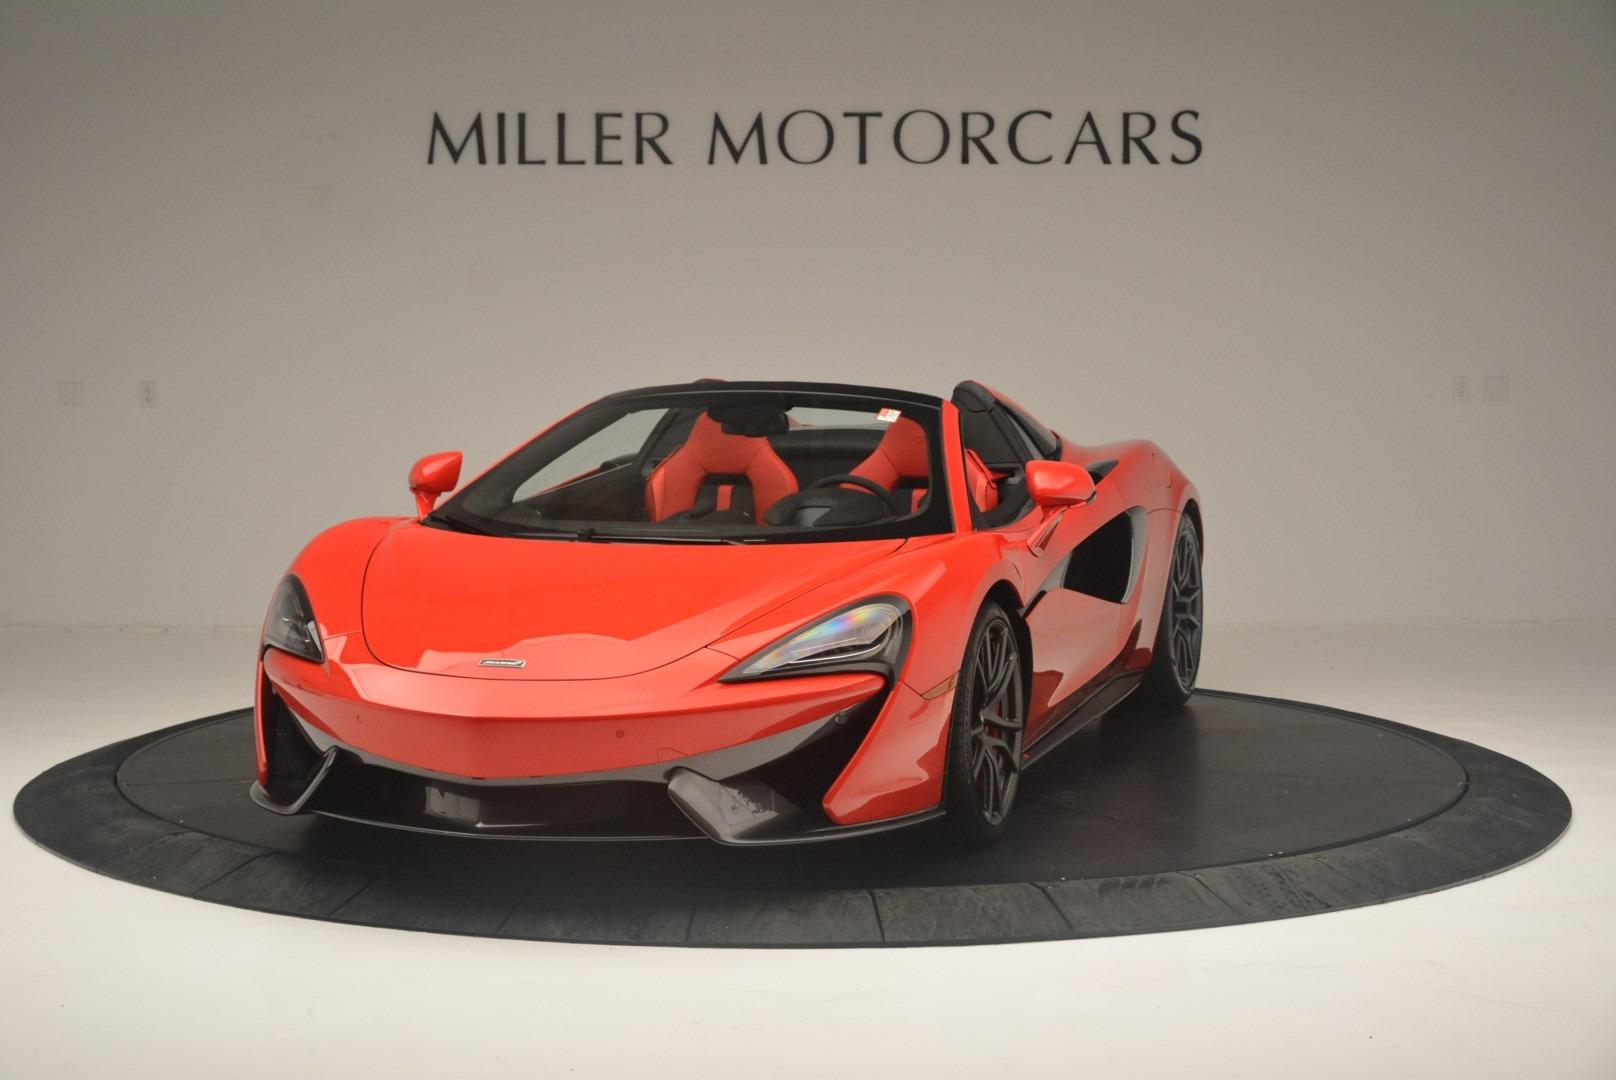 New 2019 McLaren 570S Spider Convertible For Sale In Westport, CT 2564_p2